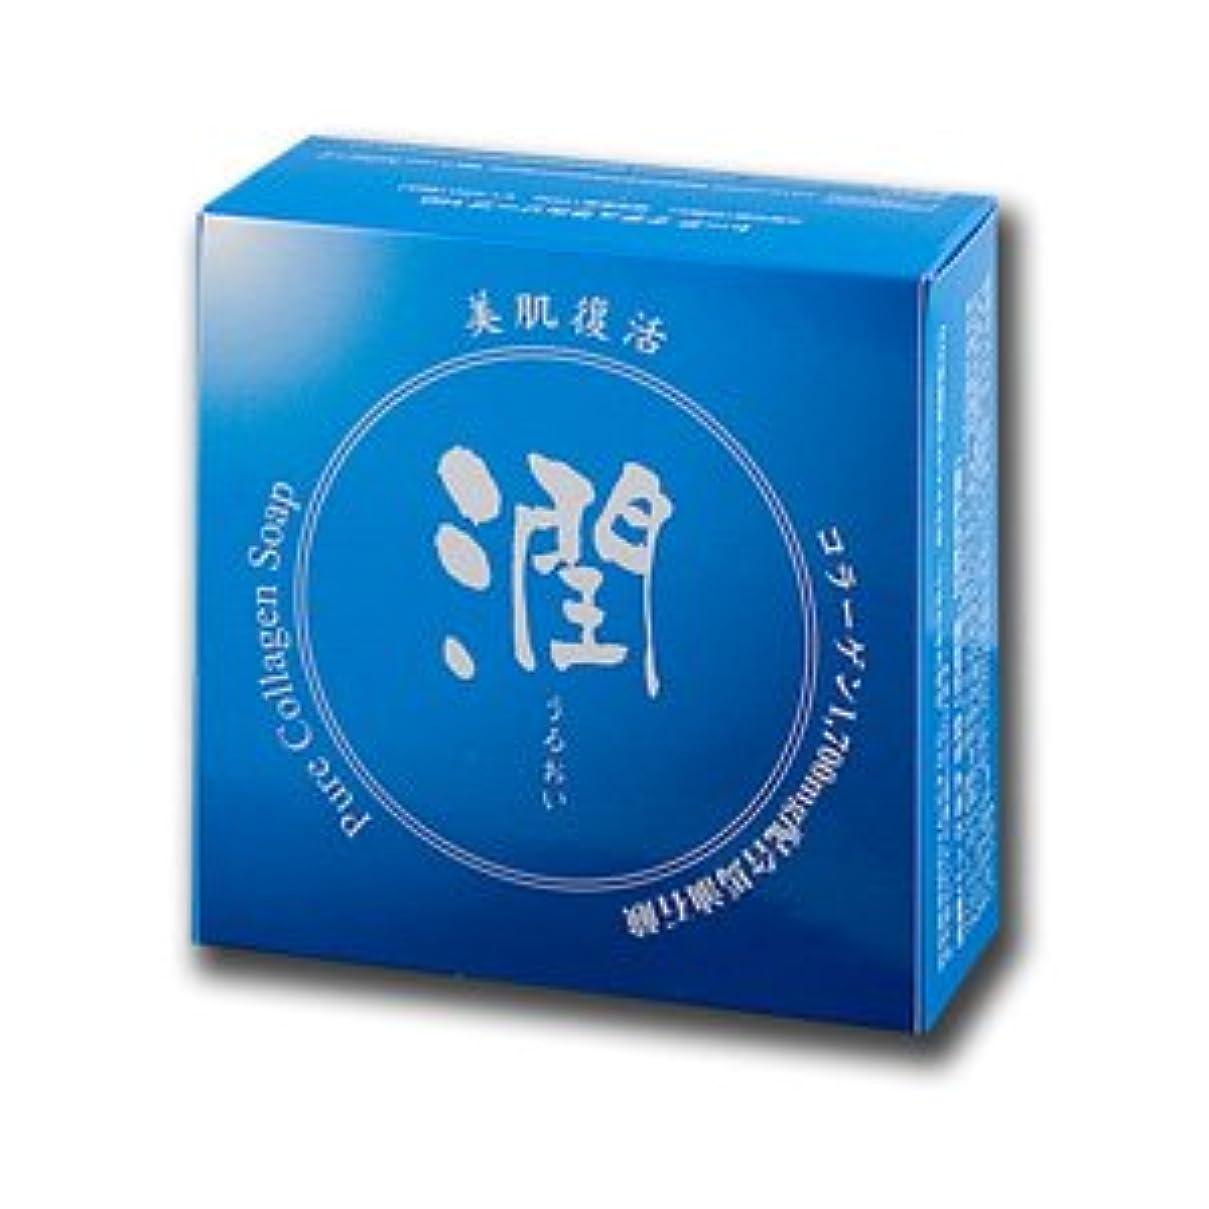 有効な法令オーラルコラーゲン馬油石鹸 潤 100g (#800410) ×5個セット